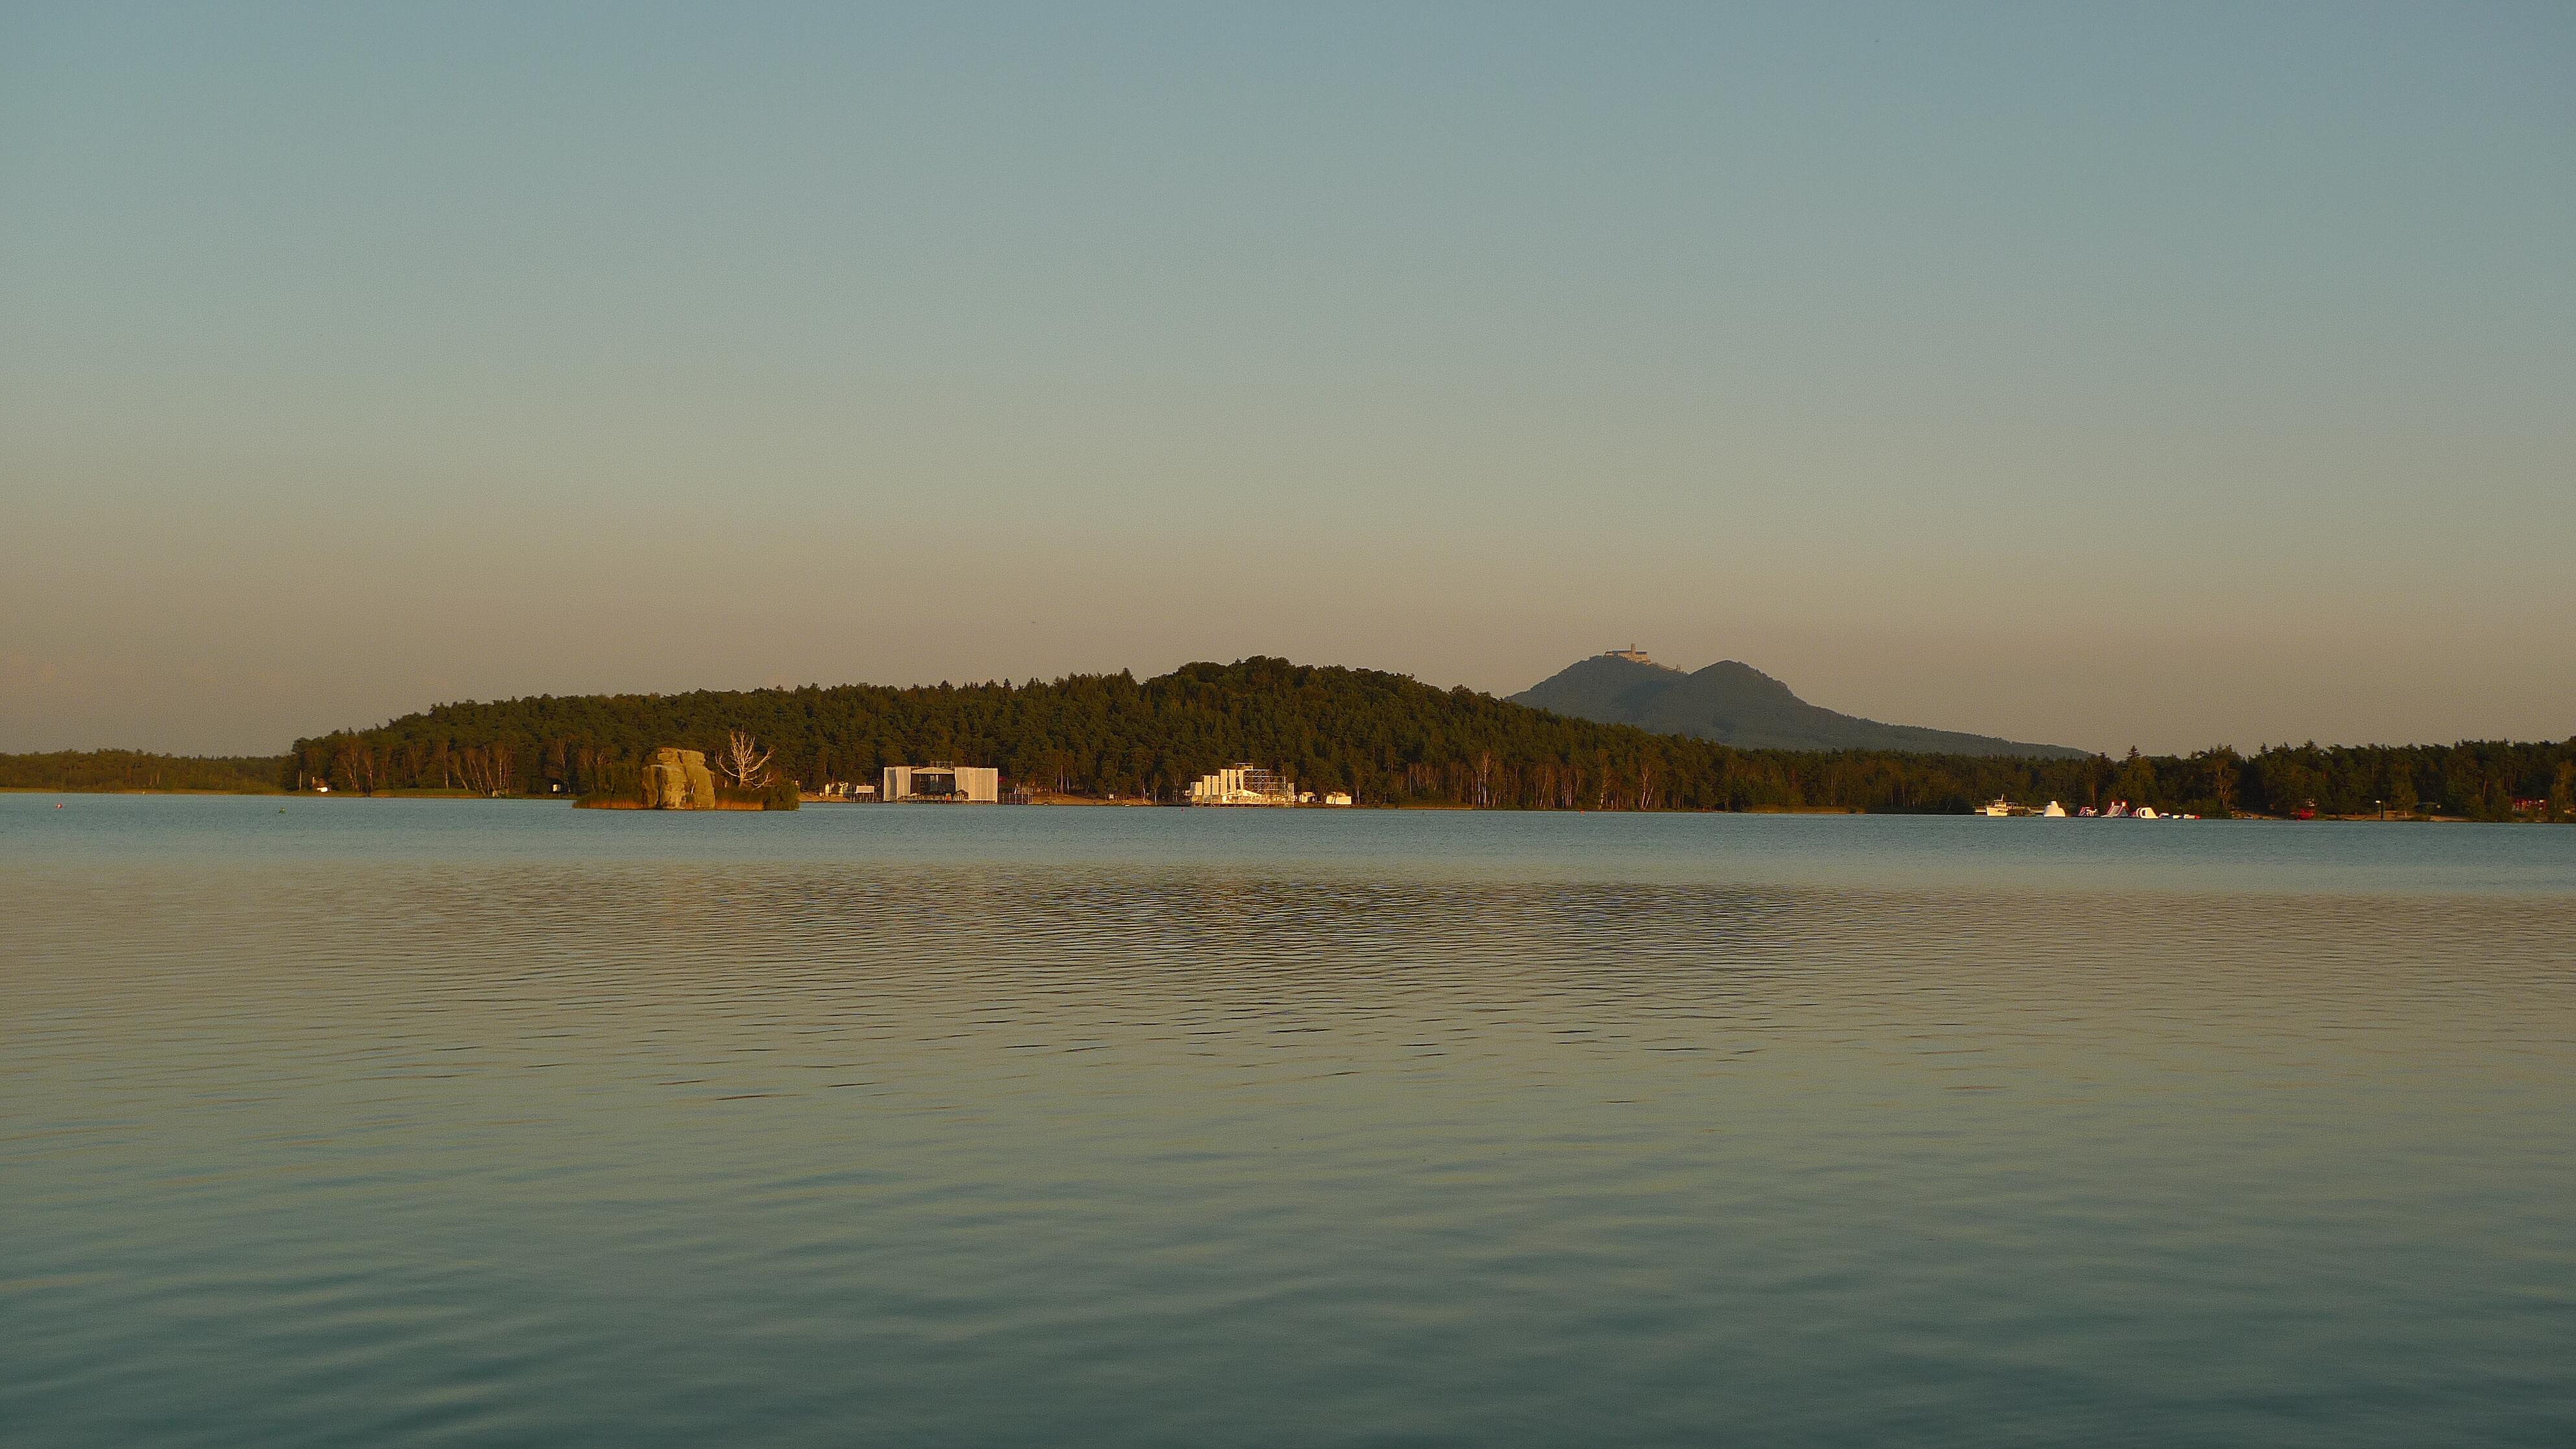 pohled z pláže nedaleko hotelu Bezděz na hrad Bezděz (autor: VMG Česká Lípa, pořízeno 17. 8. 2016)